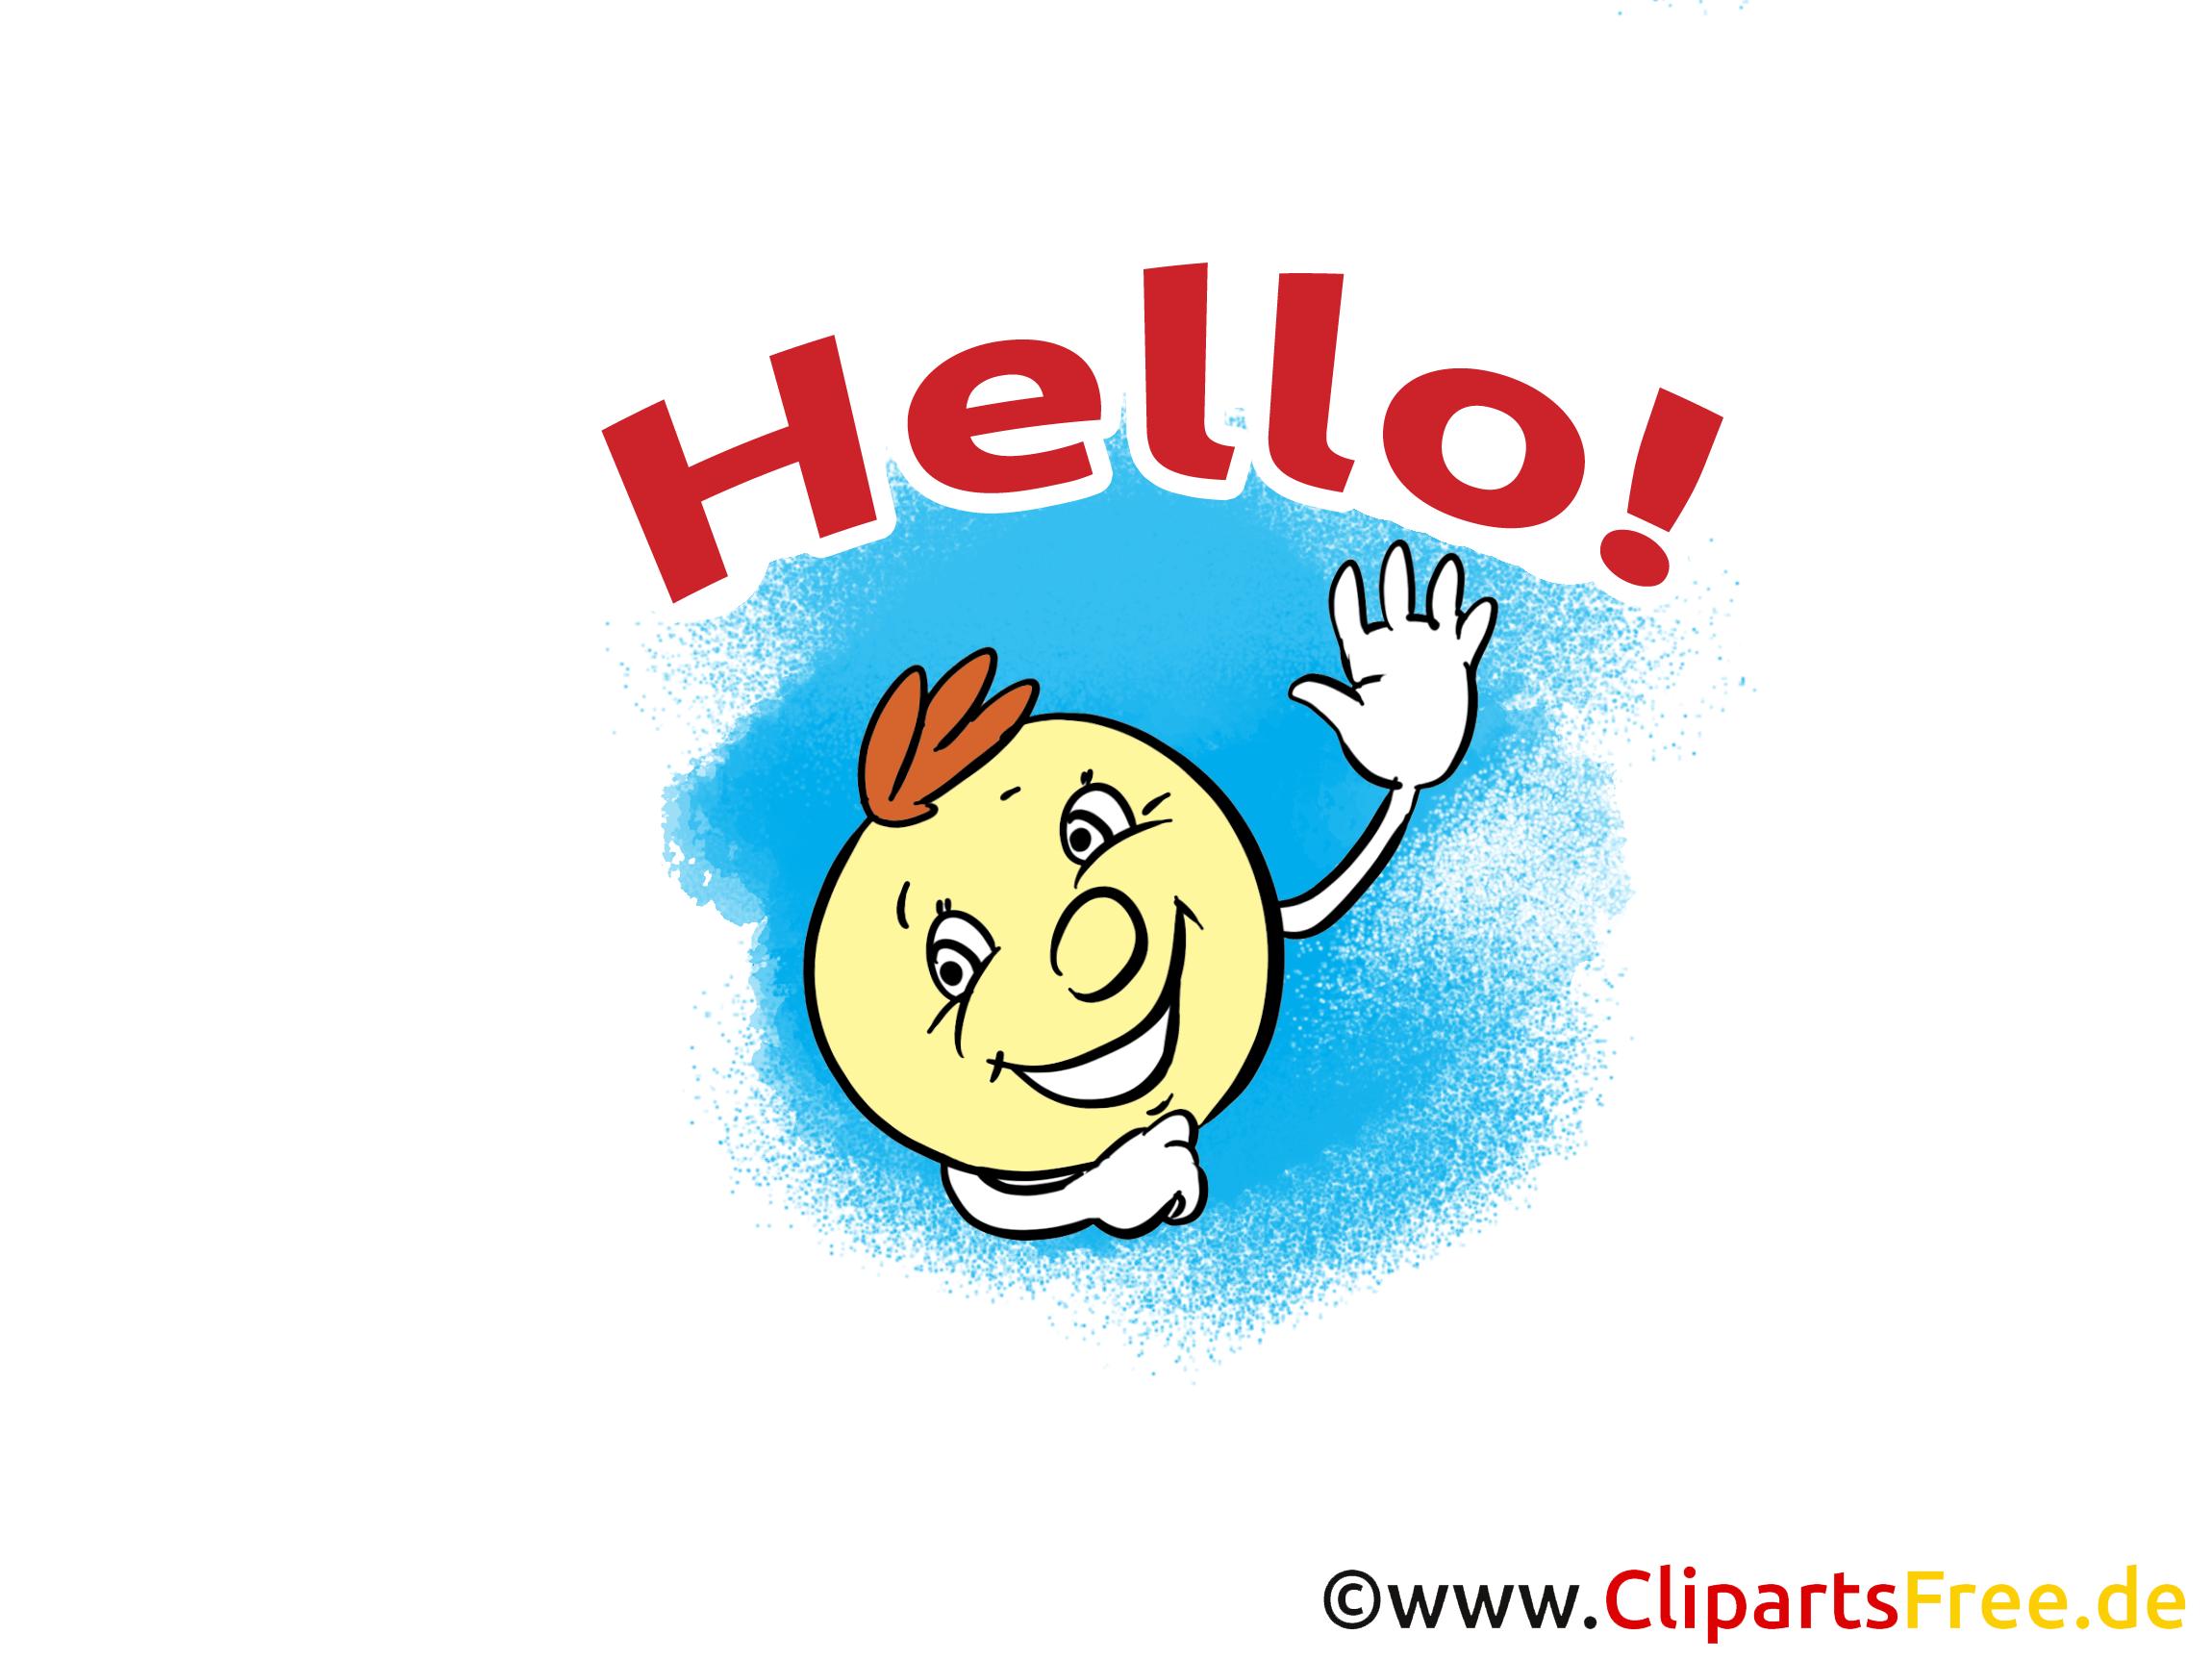 Salut images gratuites  clipart